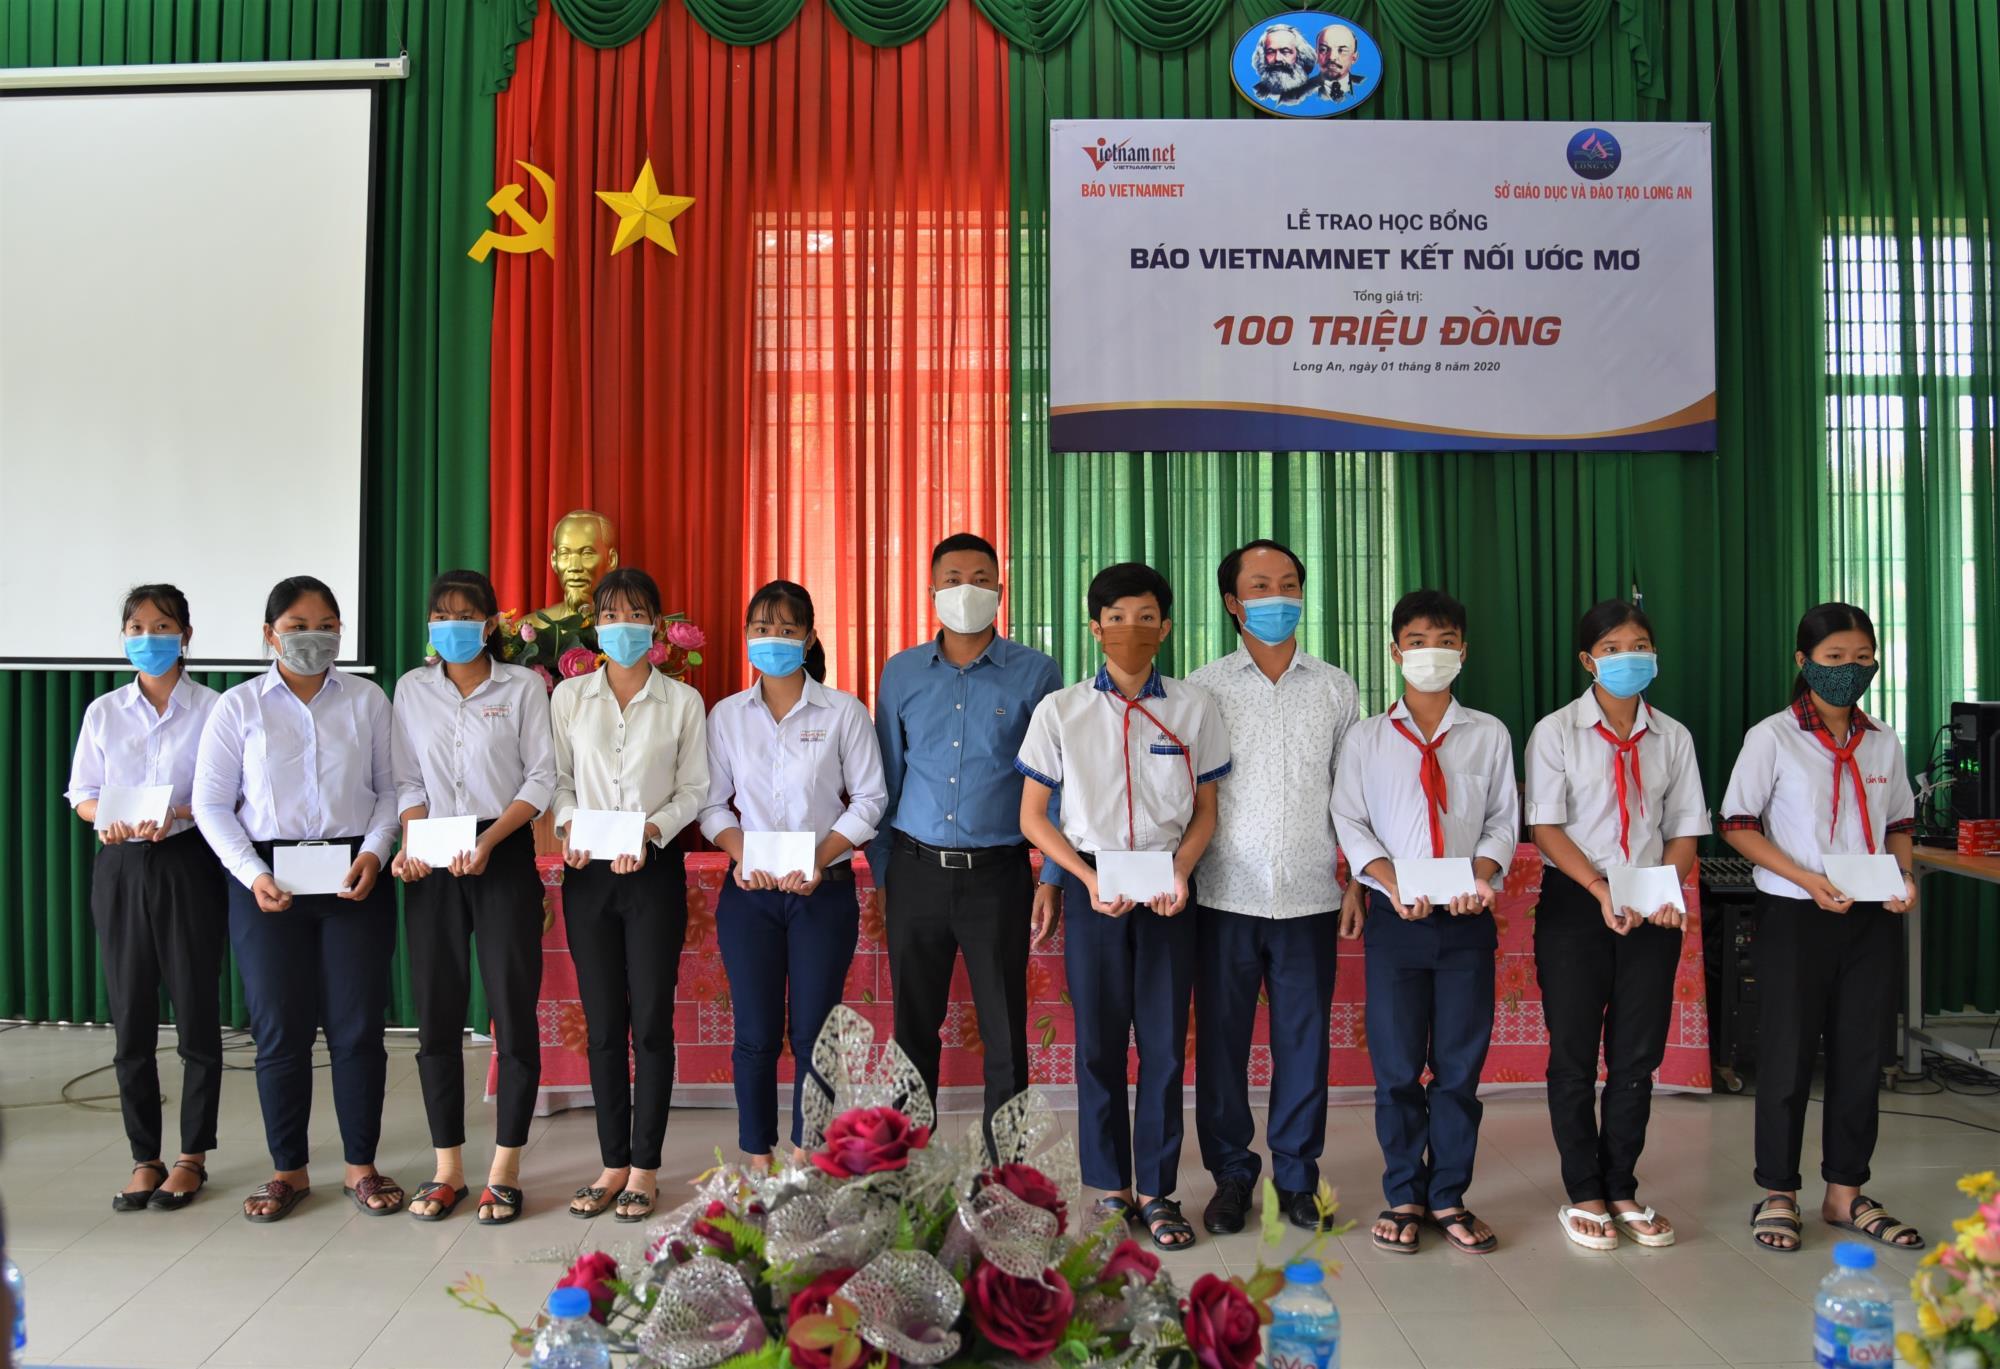 Him Lam Land chắp cánh ước mơ cho học sinh nghèo vượt khó ở Long An - Ảnh 1